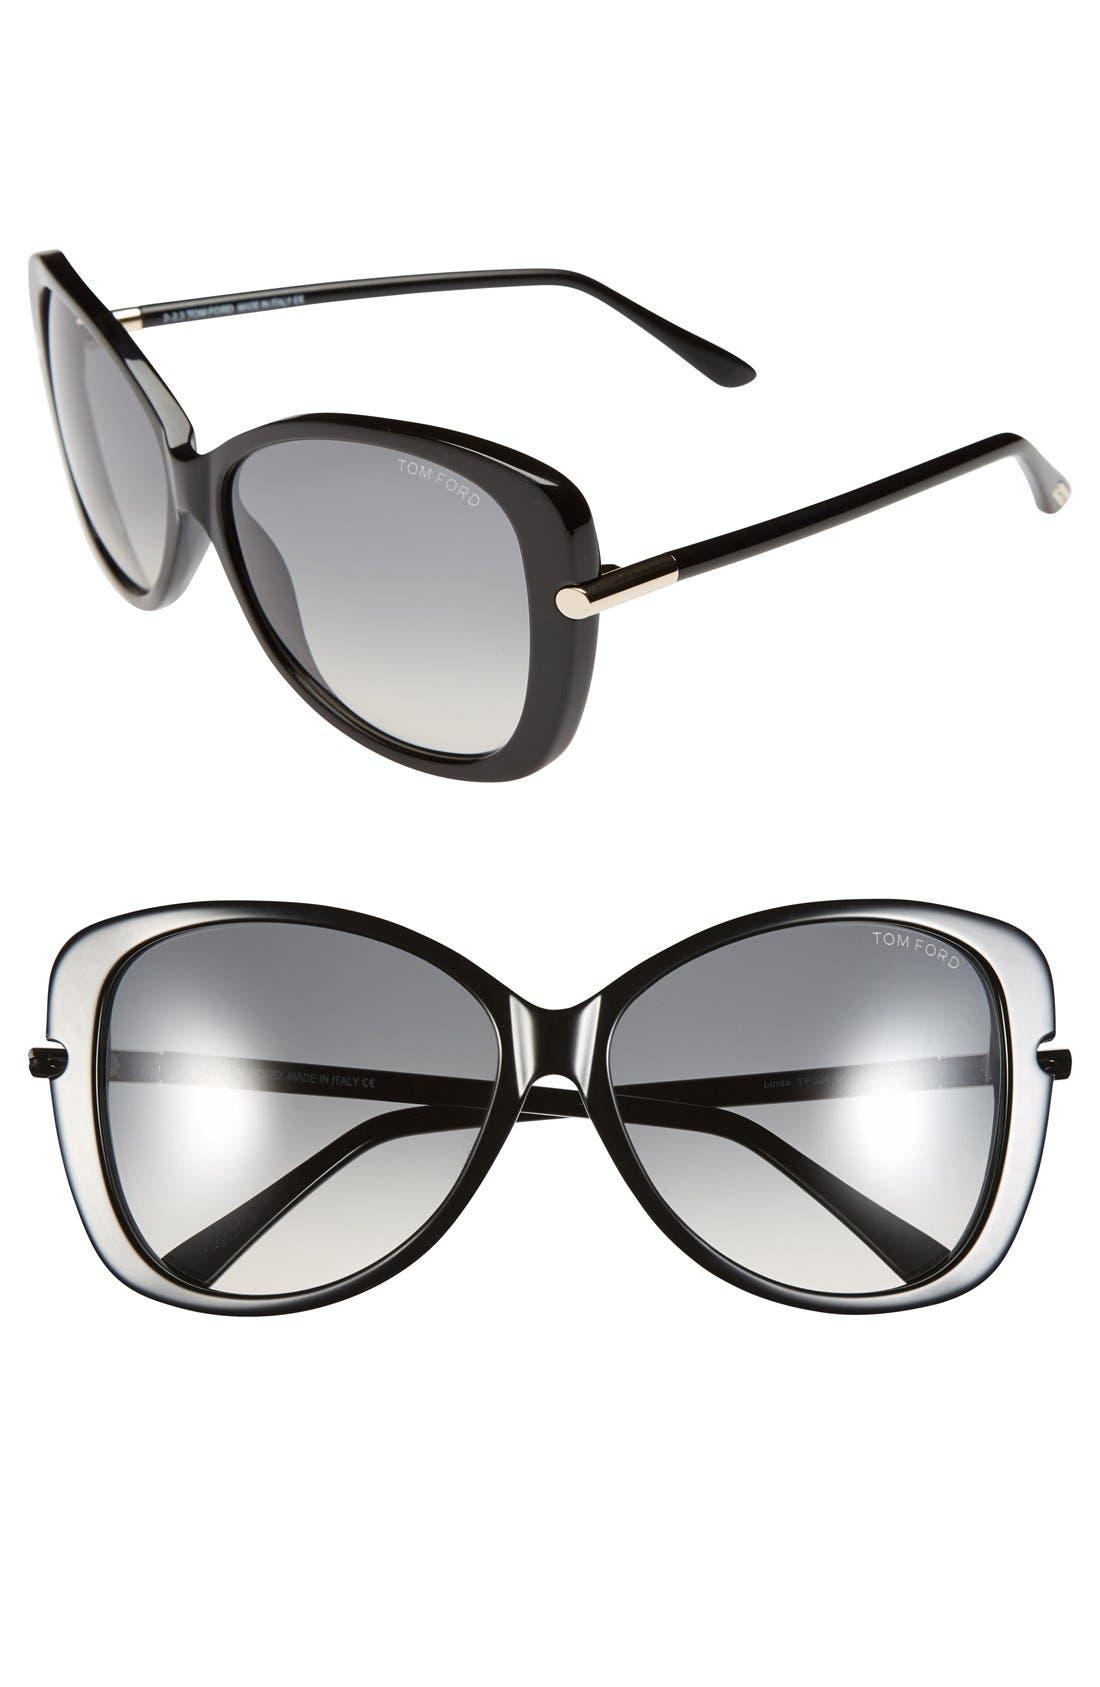 49abfd9a86c Women s Cat-Eye Sunglasses